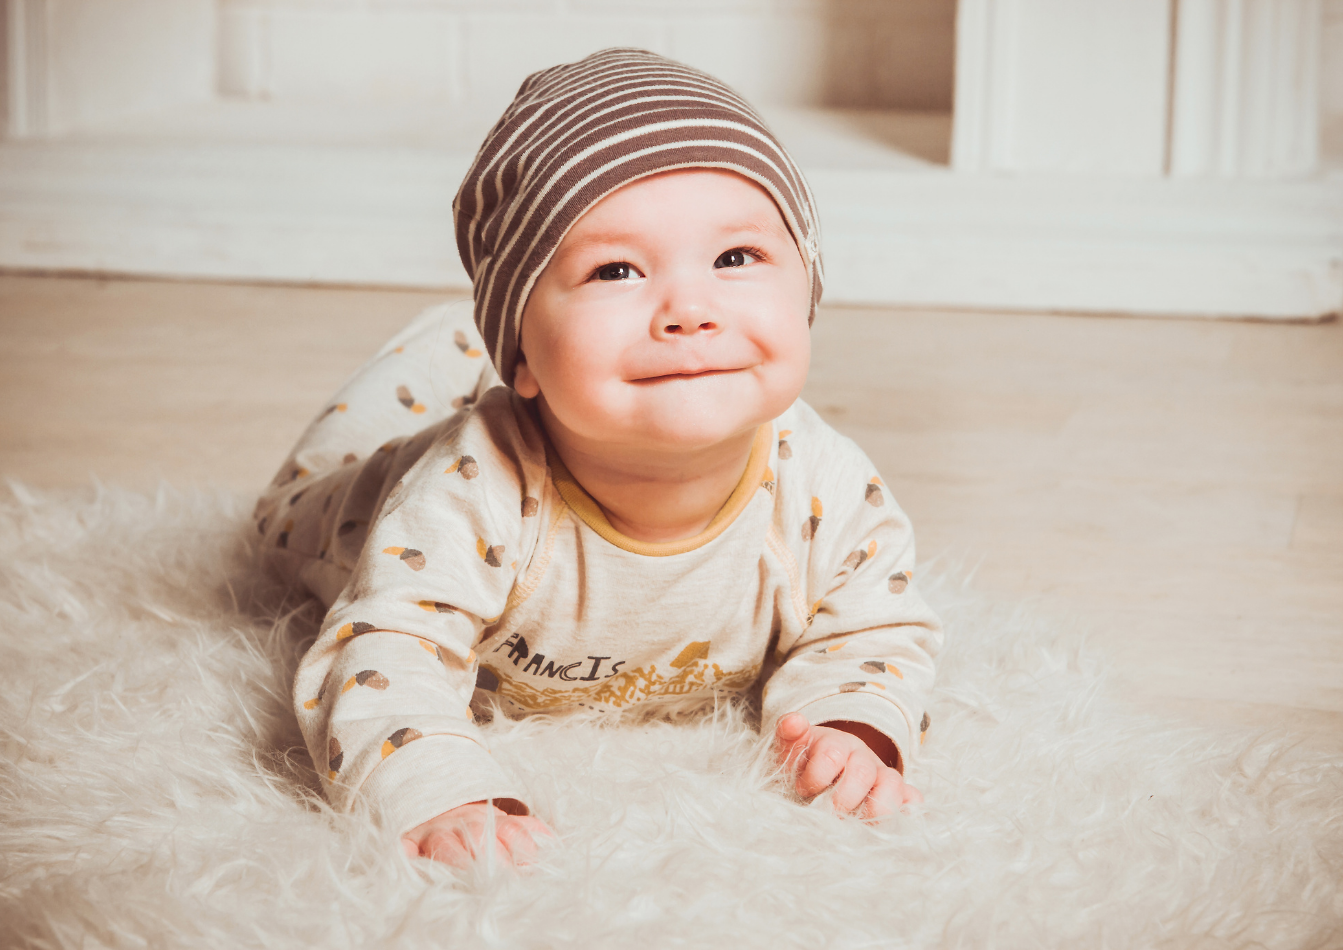 Rozwój dziecka od urodzenia do 3 r.ż. – Test aktywny do 26.05 do godz. 16:00